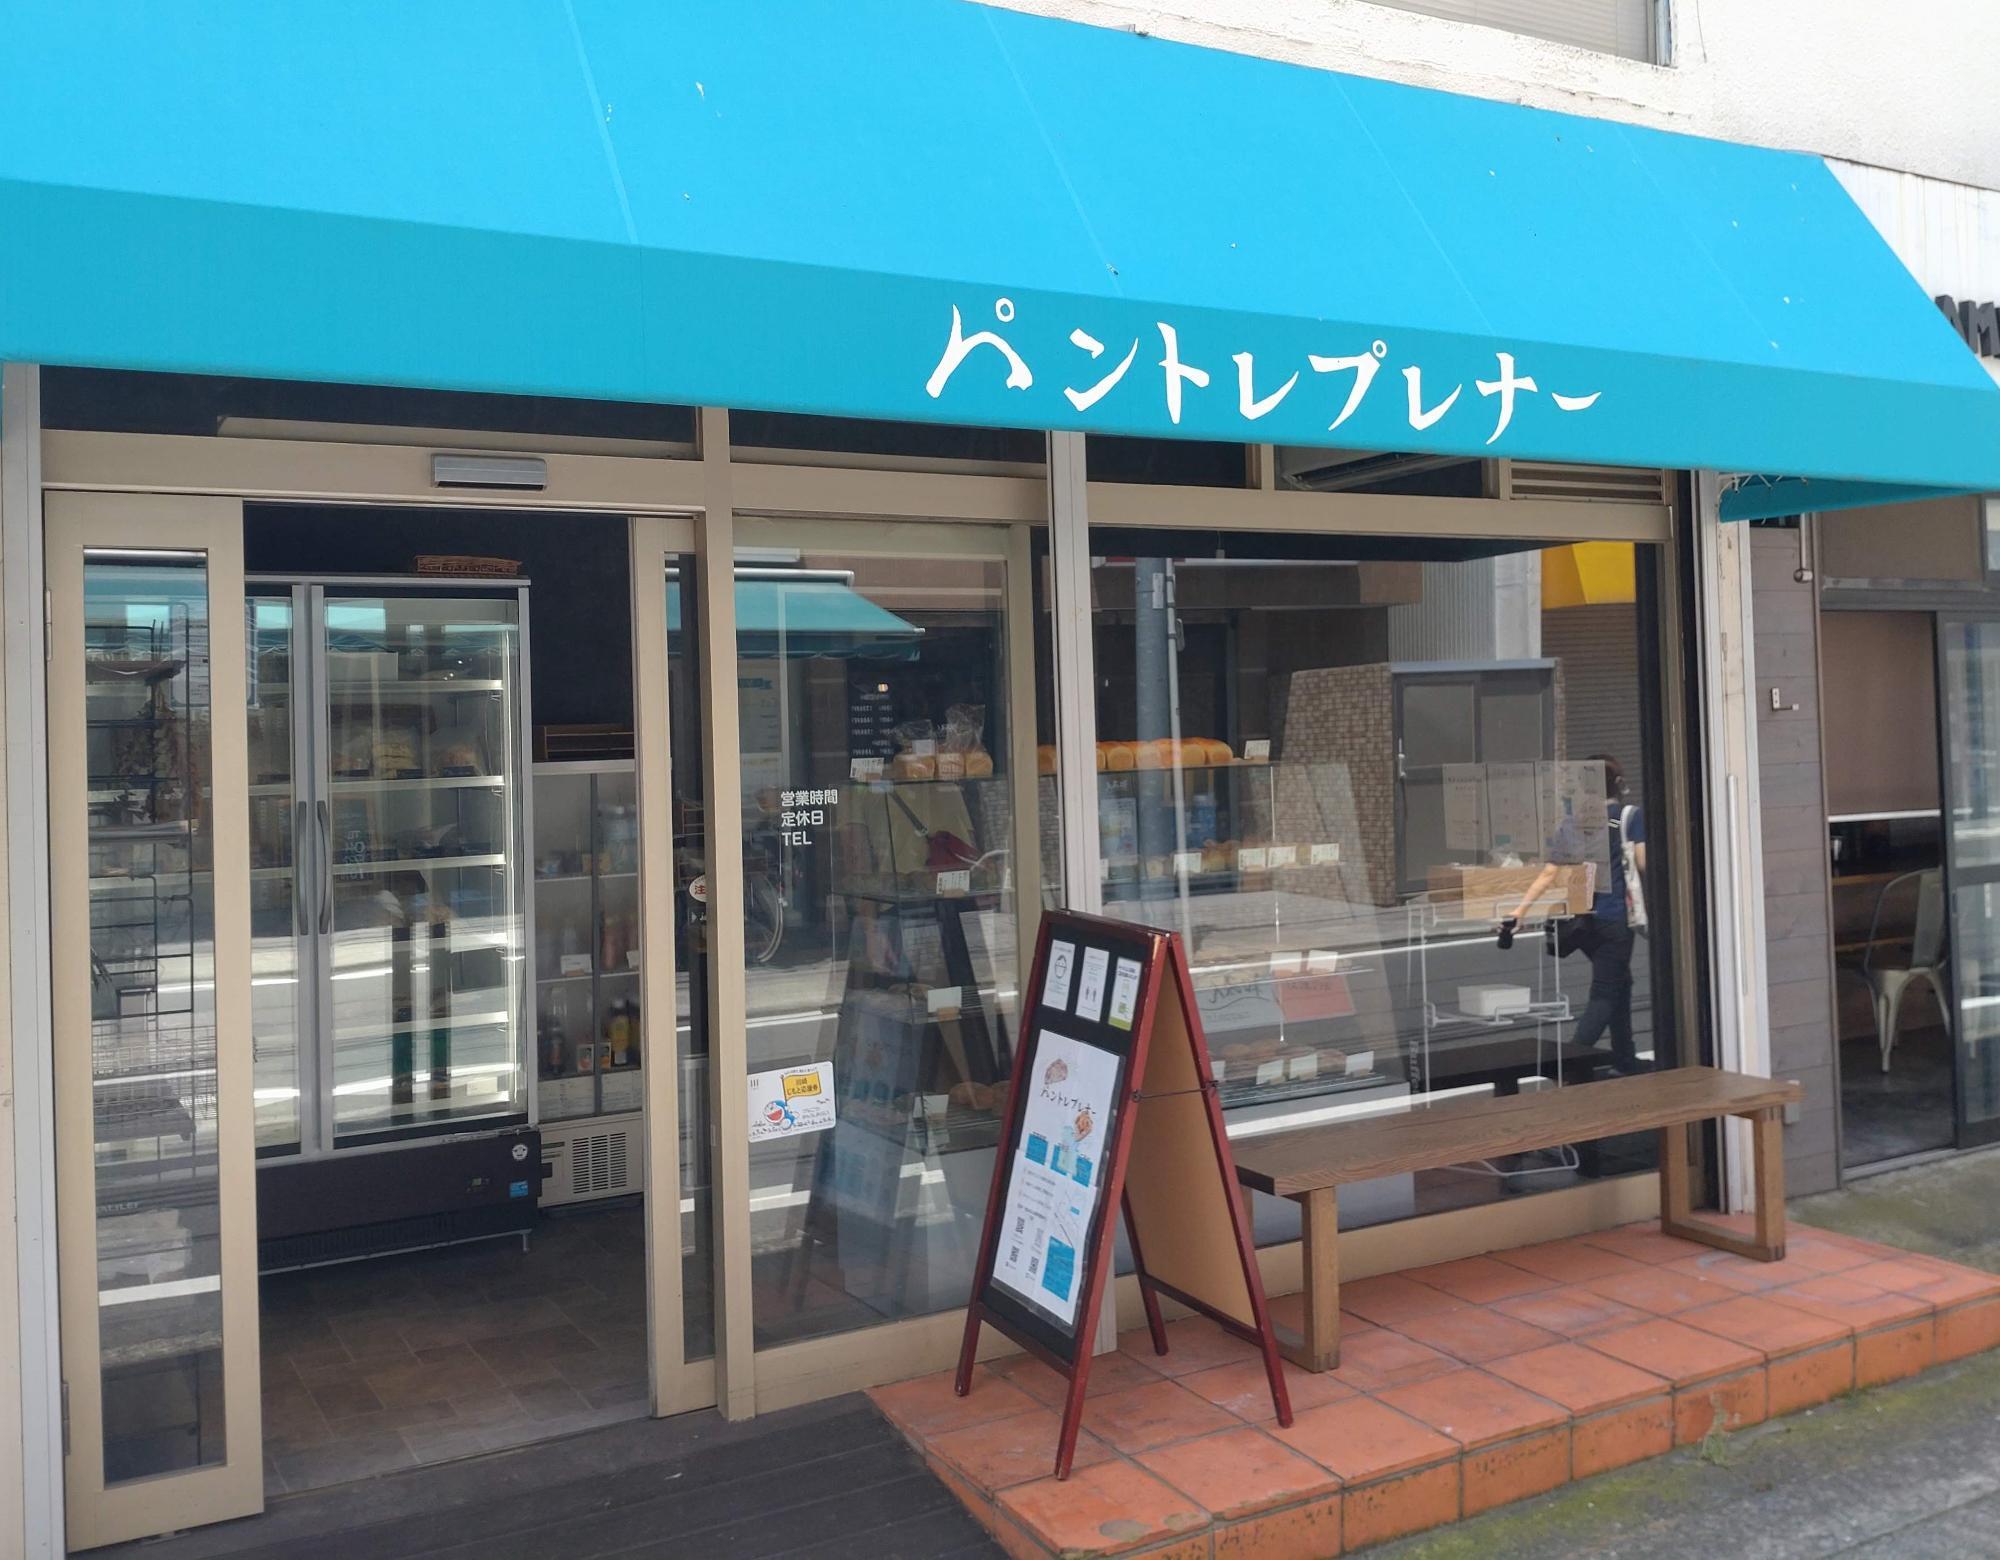 青い屋根が目印。店外にはベンチもあります。